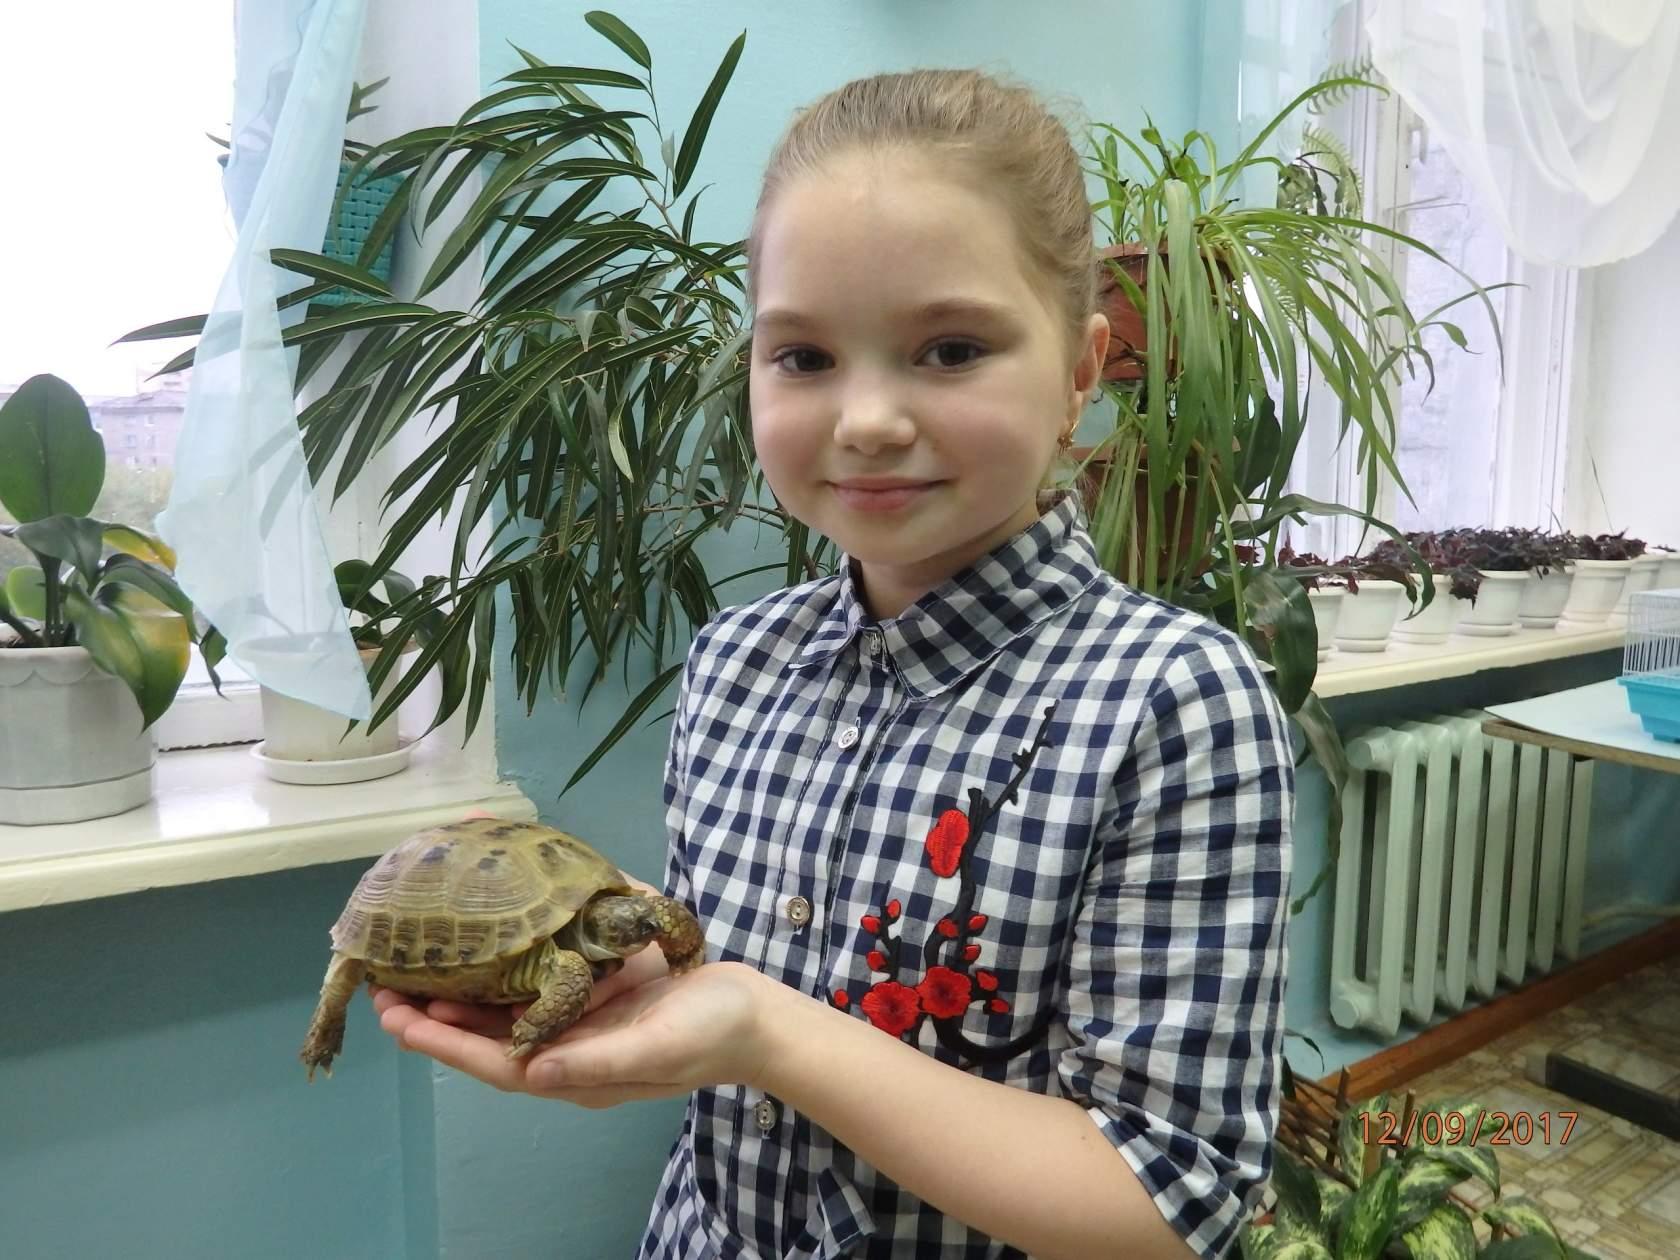 Спасти ребенка: на лечение Юли Струц собрана большая часть необходимой суммы